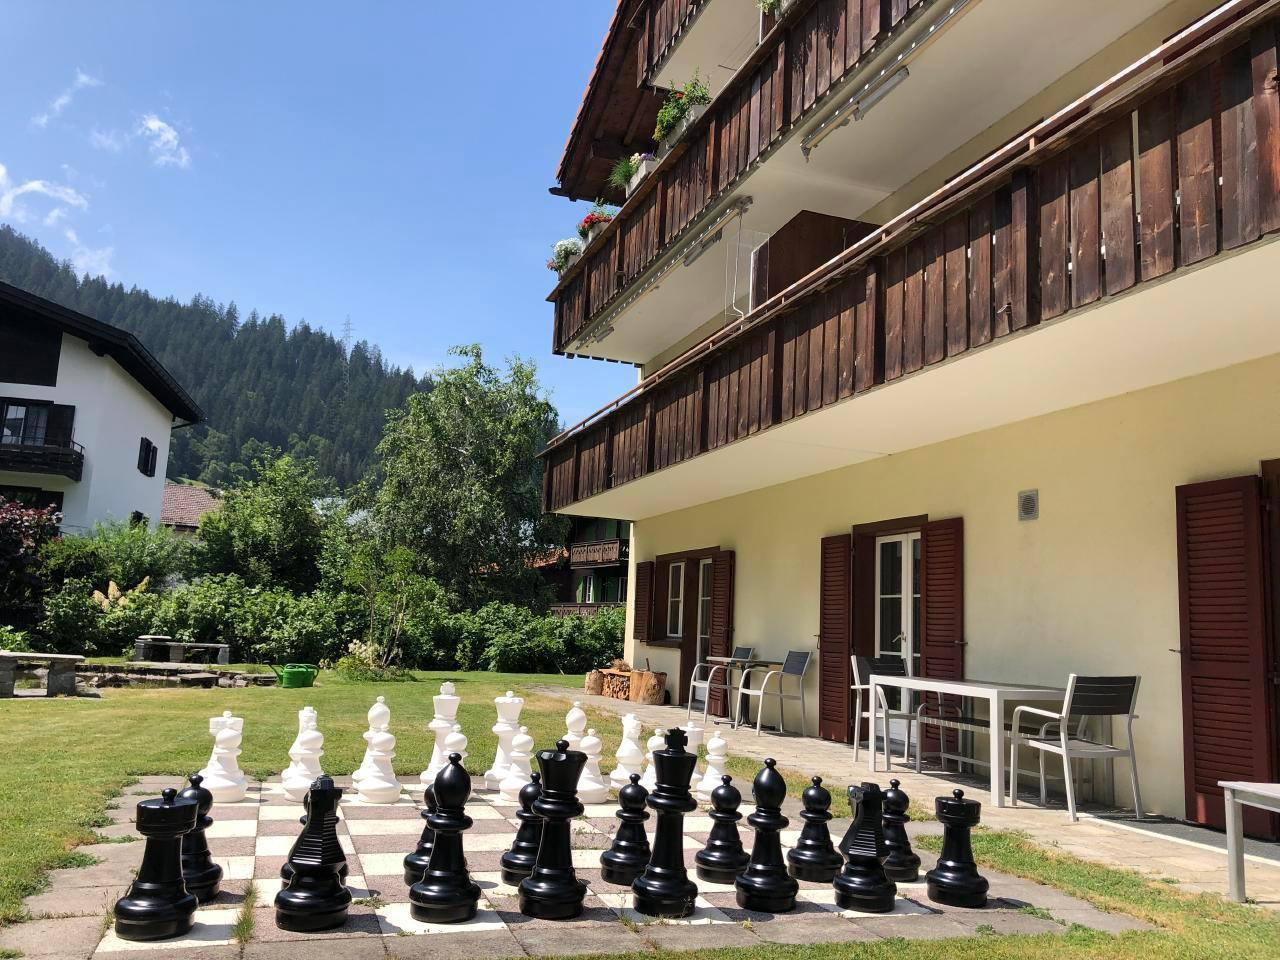 Appartement de vacances Sport-Lodge Klosters - Gartenblick (2656664), Klosters, Davos - Klosters - Prättigau, Grisons, Suisse, image 9